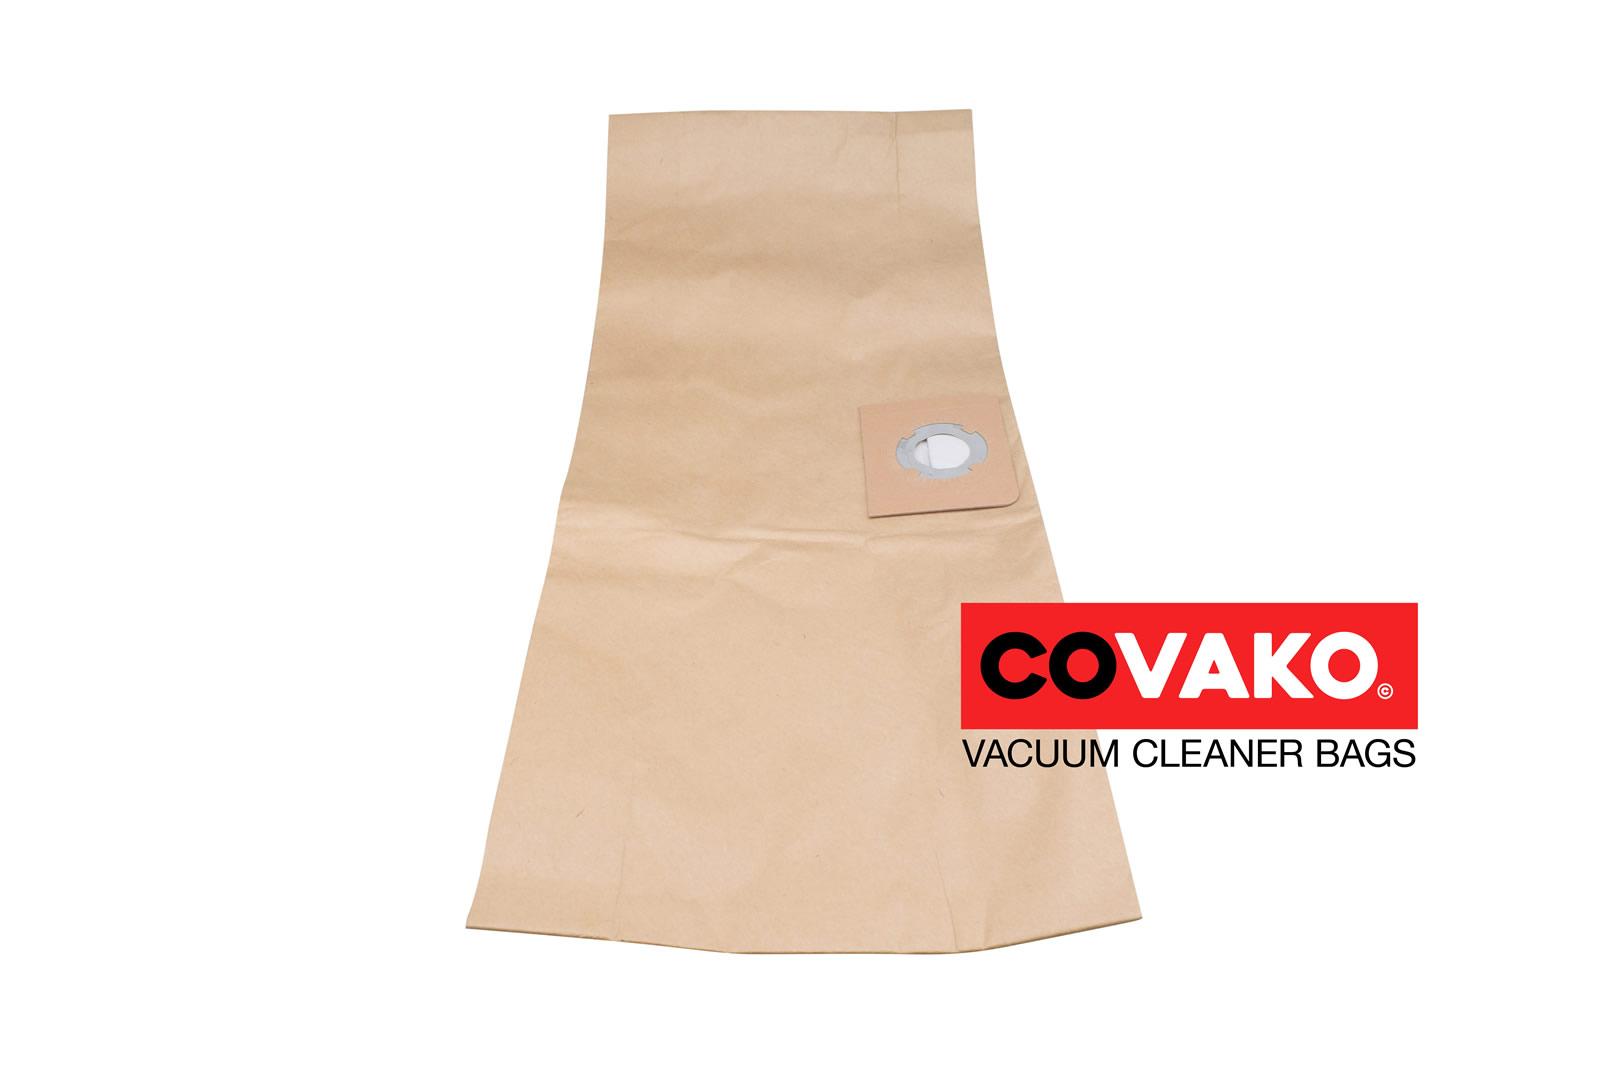 Lavor GB 32 / Paper - Lavor vacuum cleaner bags